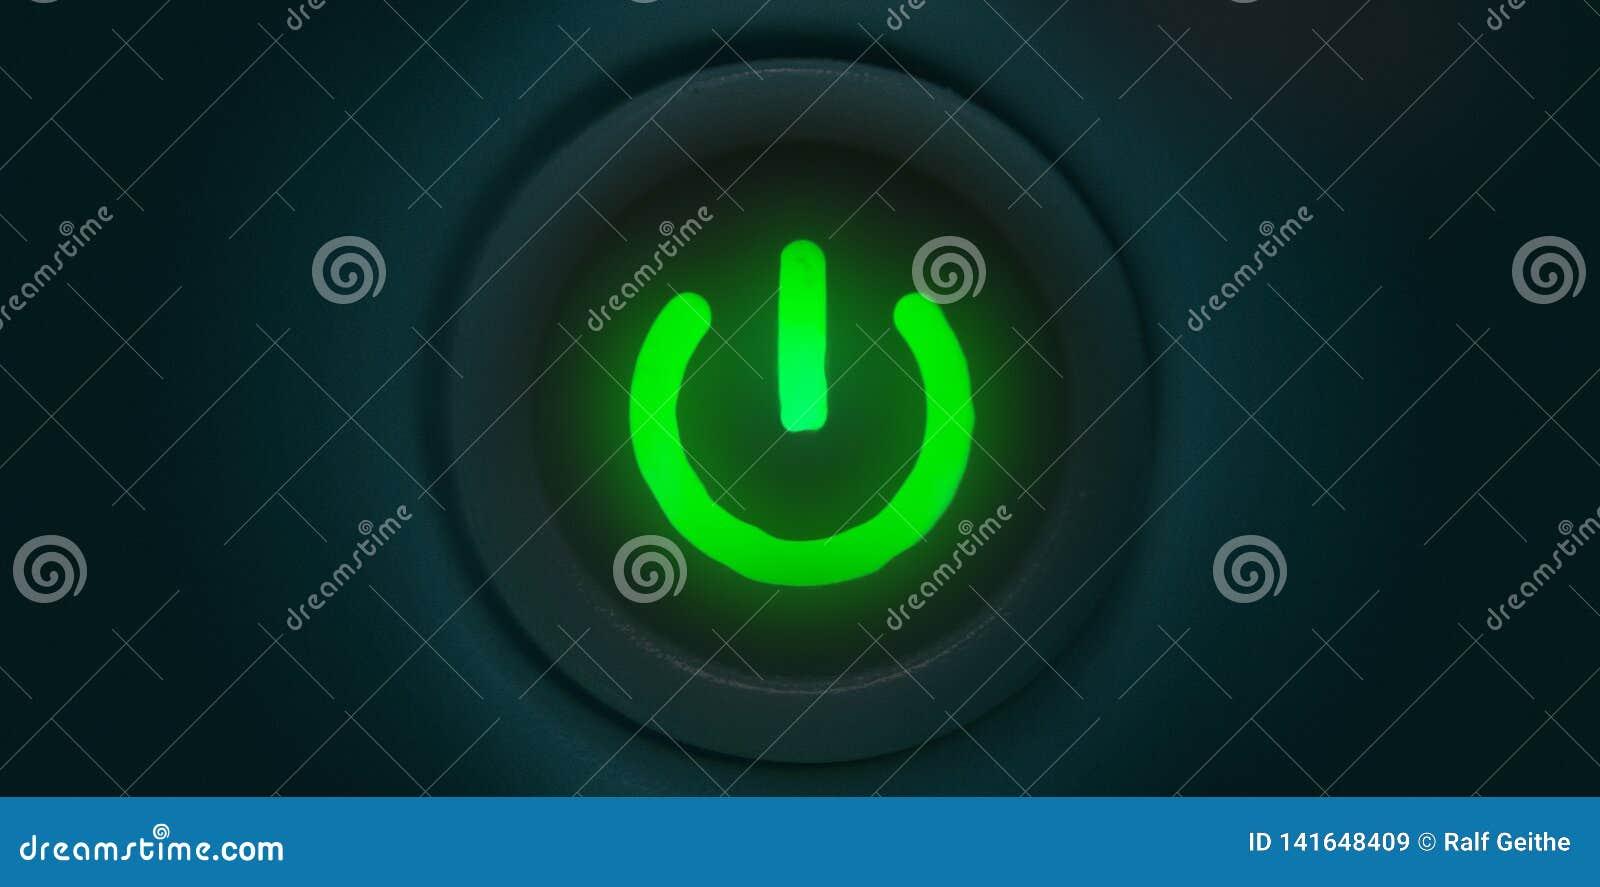 Illustrazione di un bottone di potere verde come fondo nella rappresentazione 3D